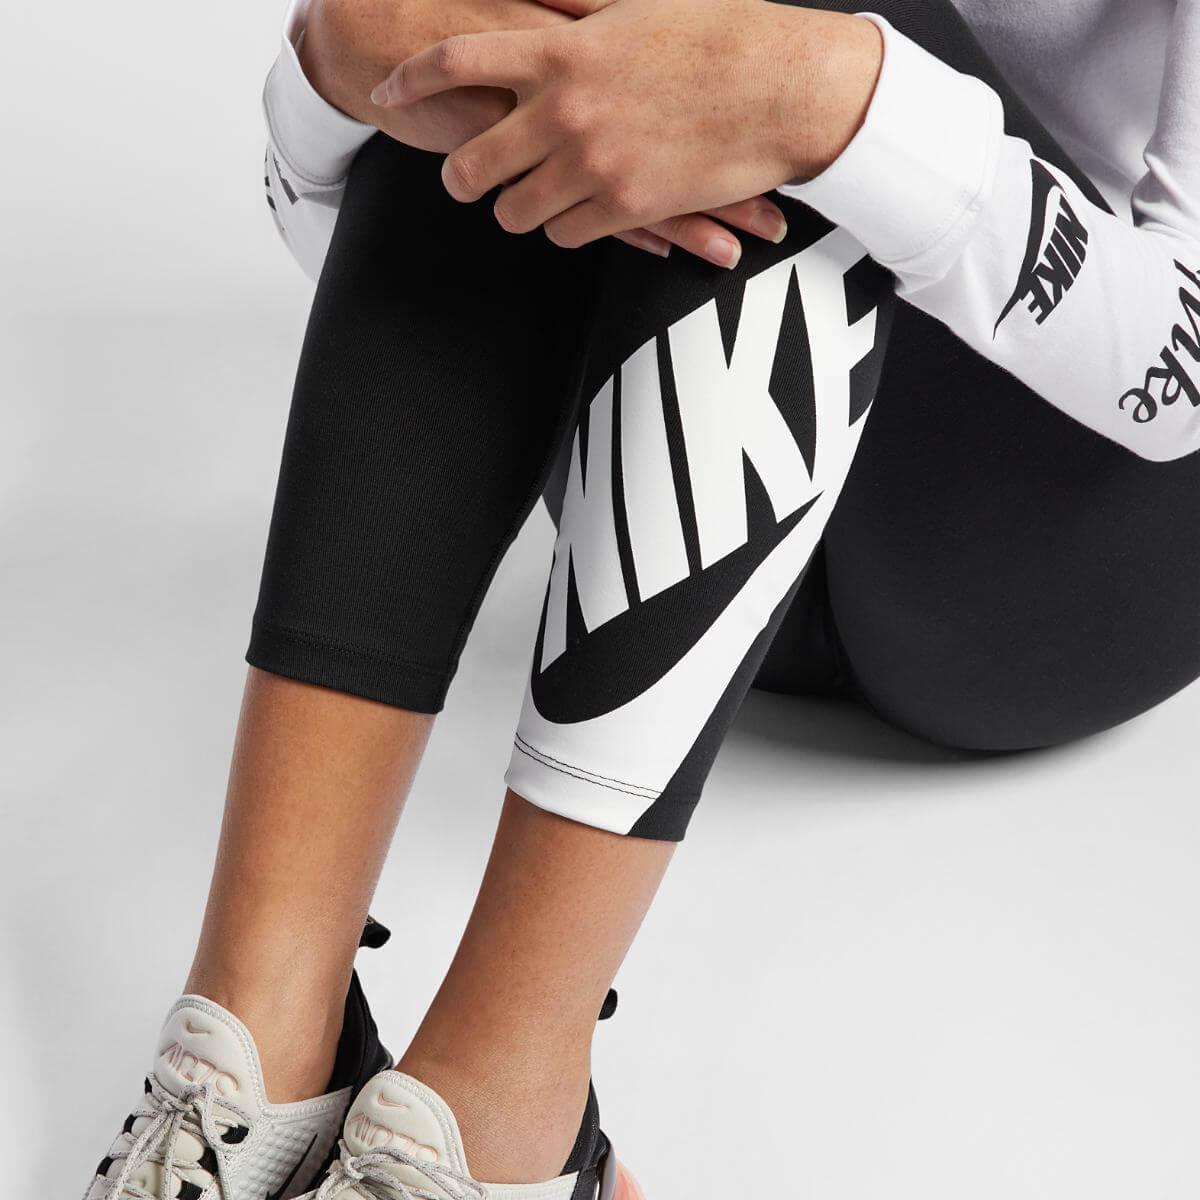 a76676b6c4b4b Hellanke për Femra Nike Legasee Futura – INTERSPORT Kosova